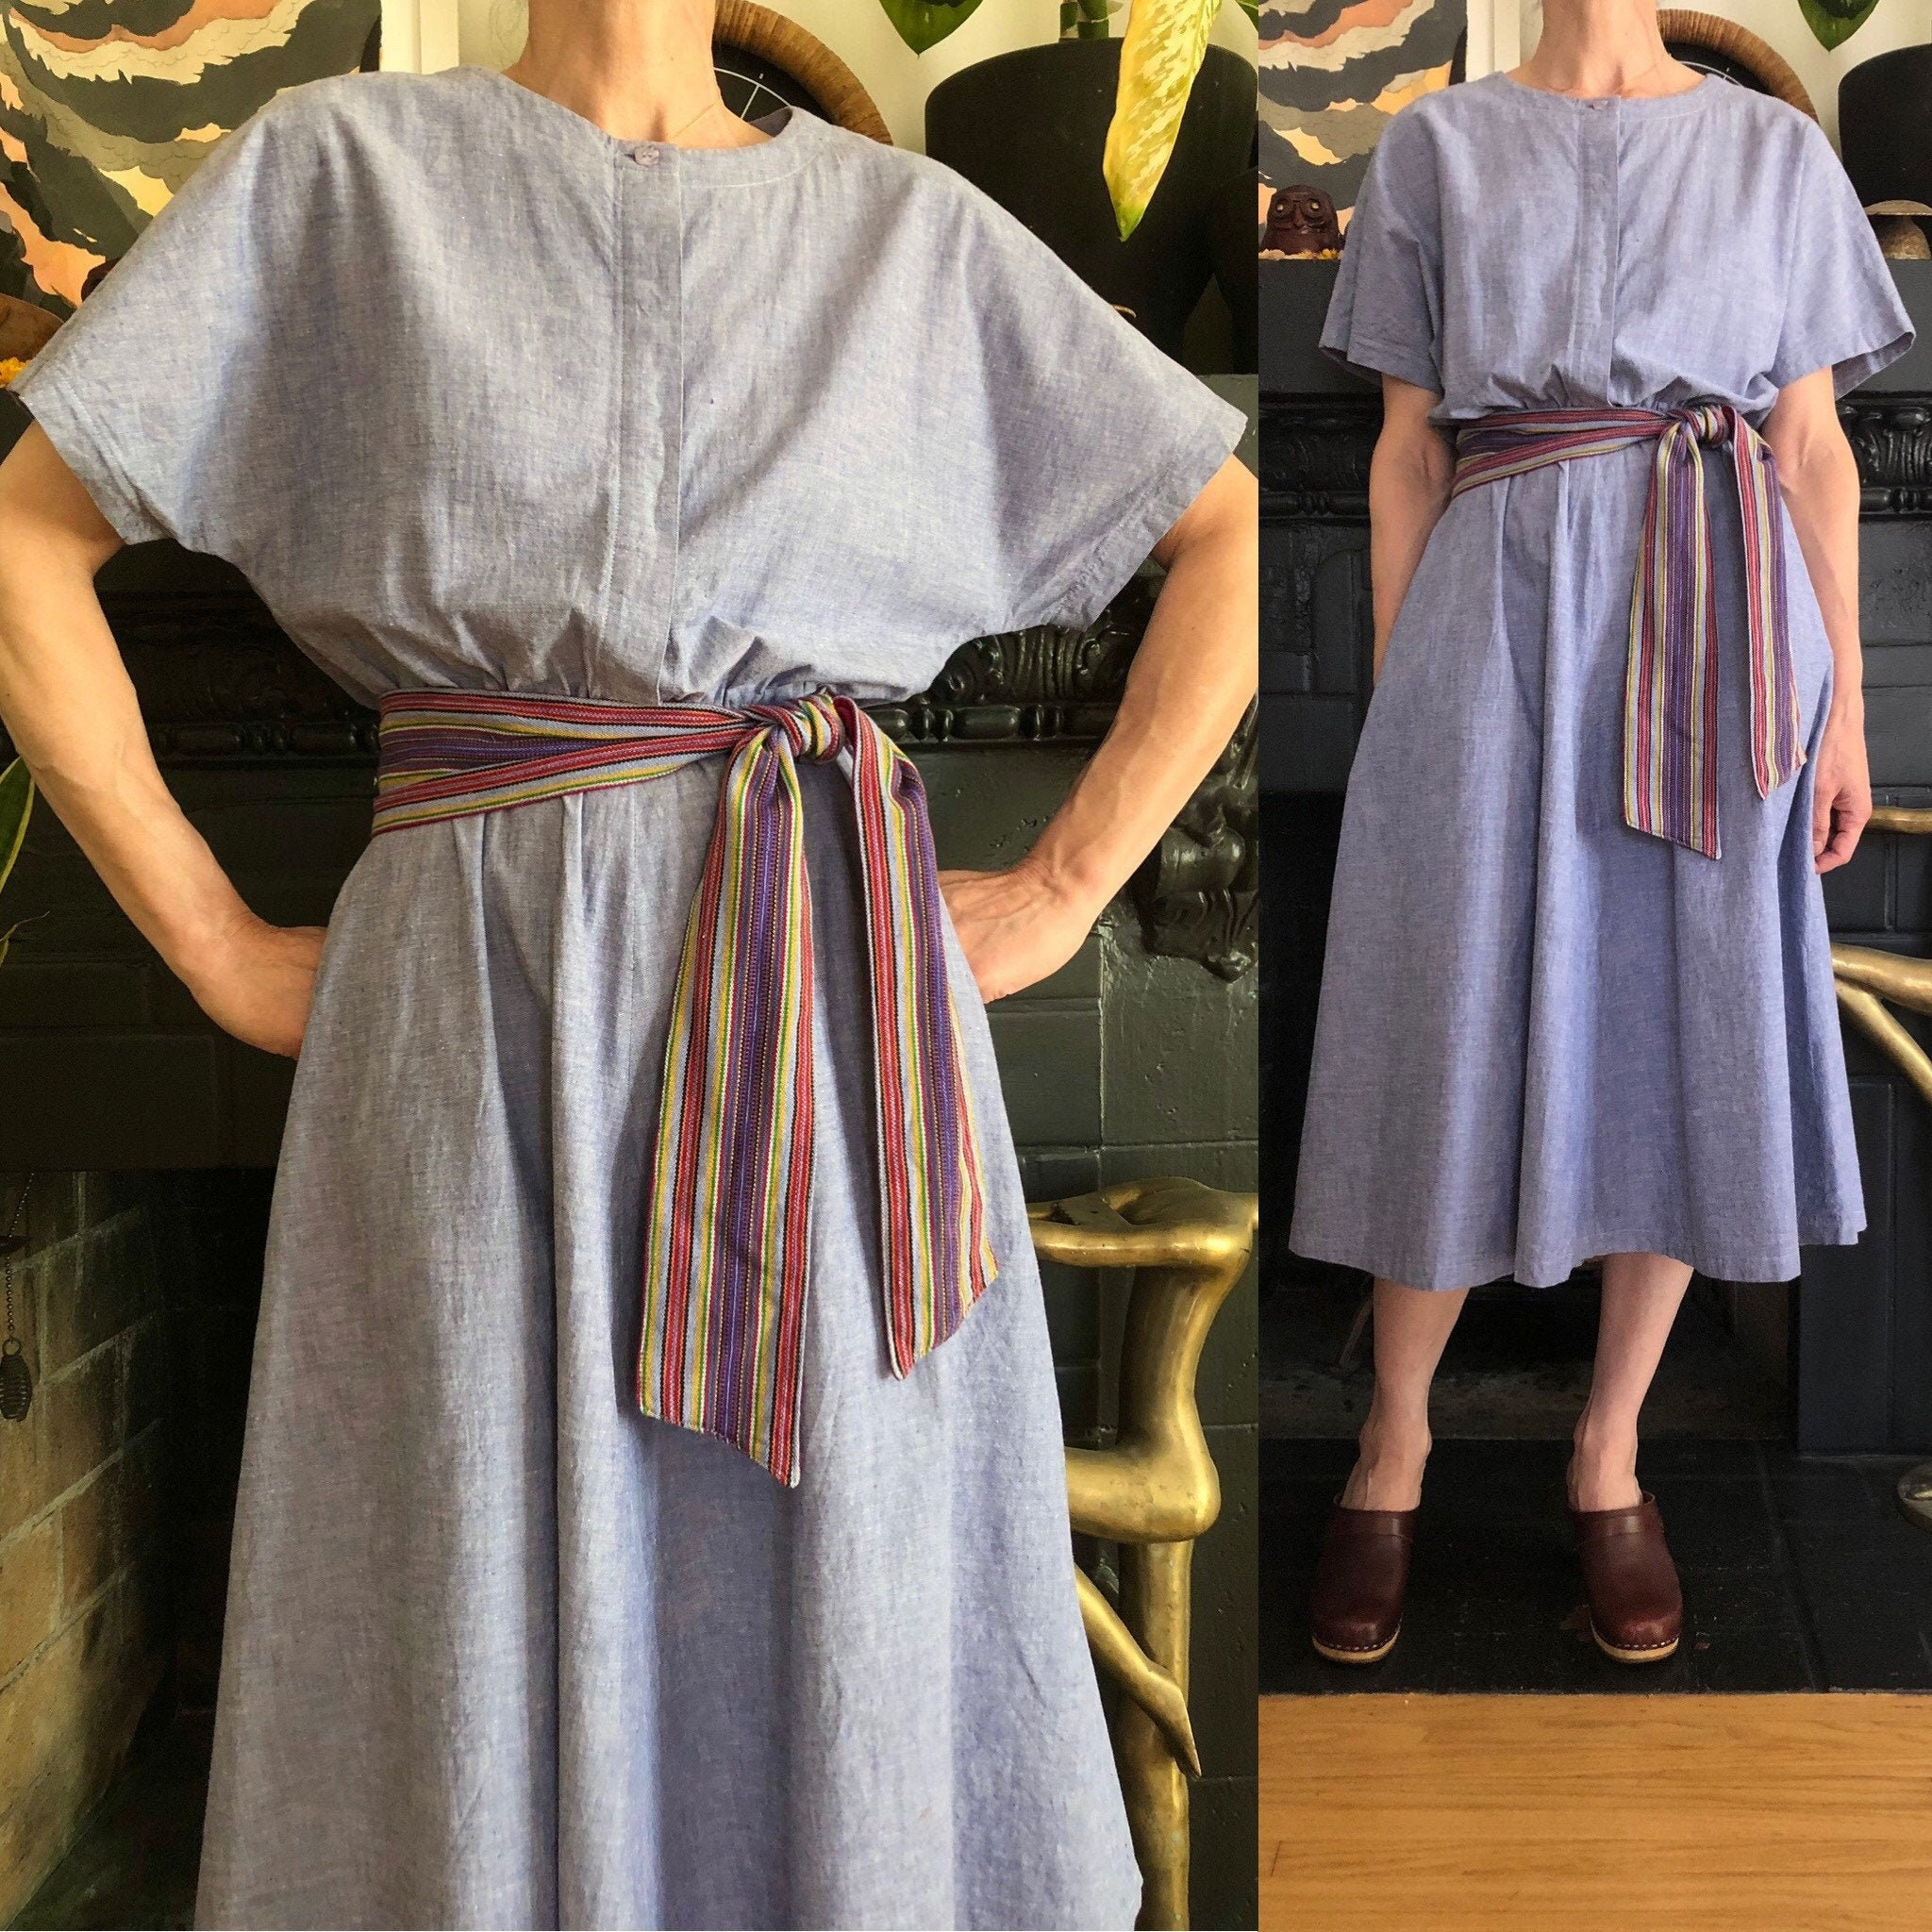 80s Dresses | Casual to Party Dresses 1980S Vintage Chambray Blouson Midi Dress 80S 90S Minimalist Horchow Light Blue Cotton Sundress Woven Sash Belt M $0.00 AT vintagedancer.com